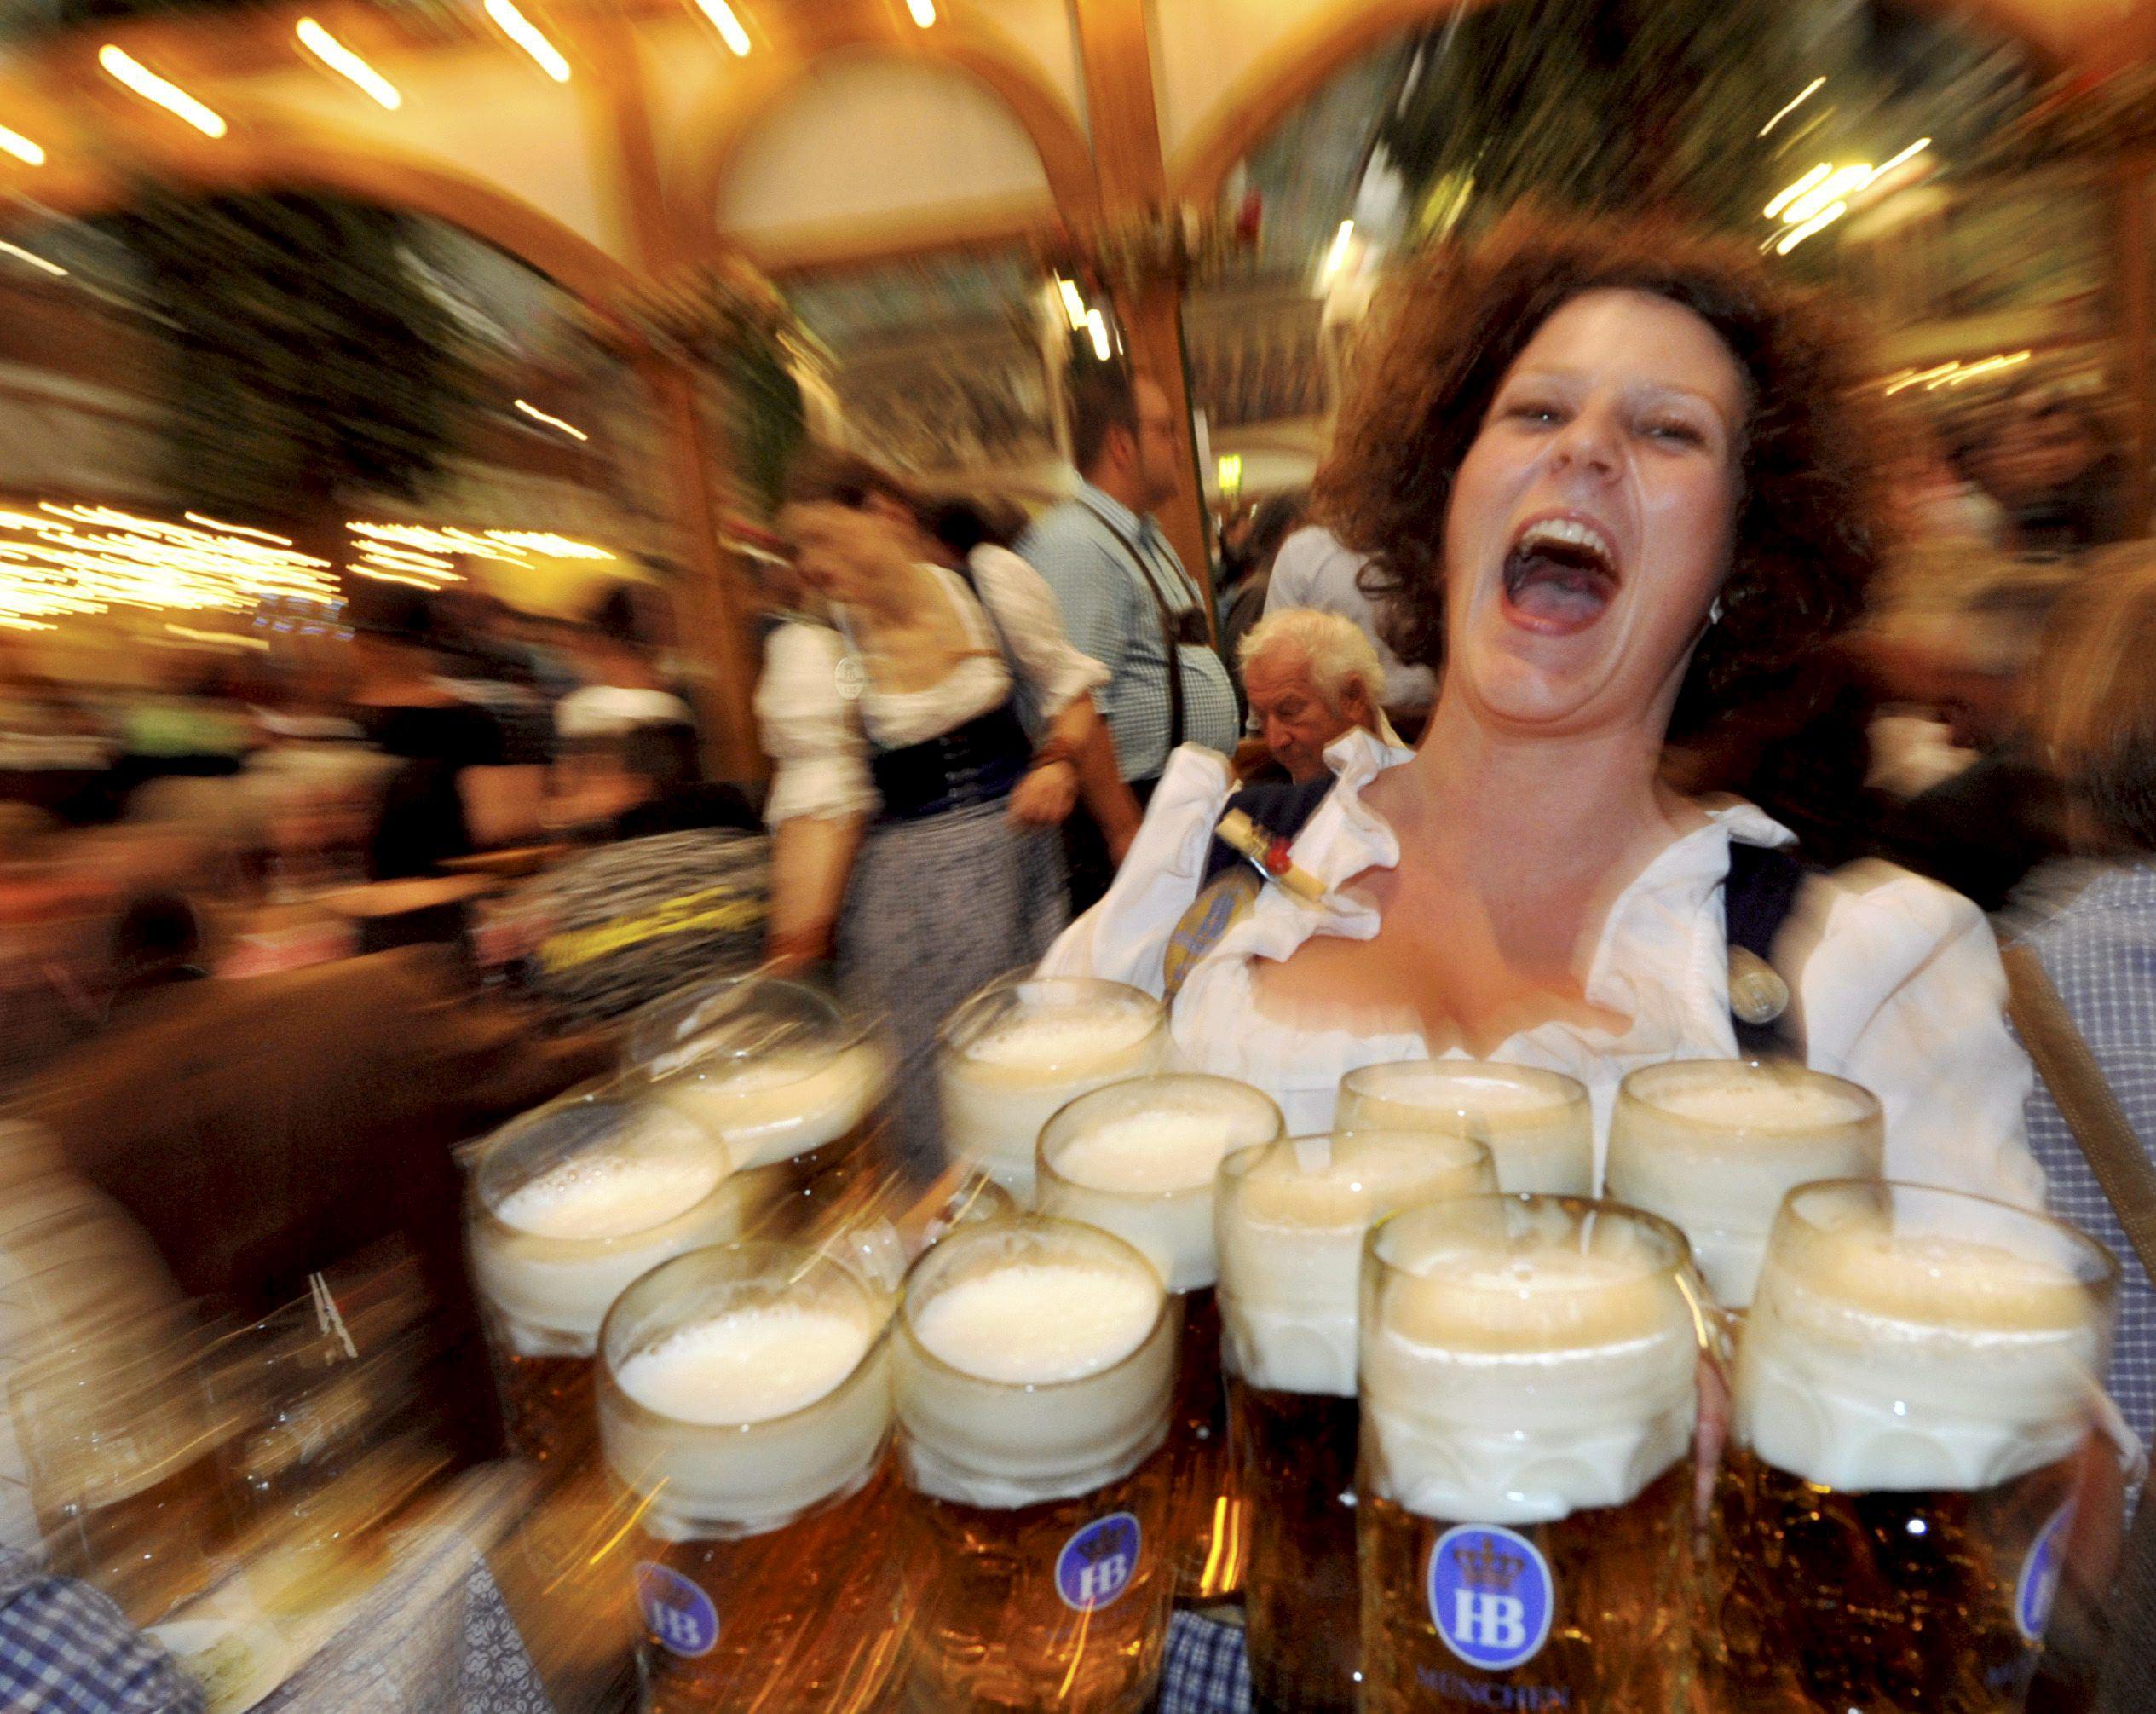 Alemania registra su nivel más bajo en venta de cerveza desde la reunificación